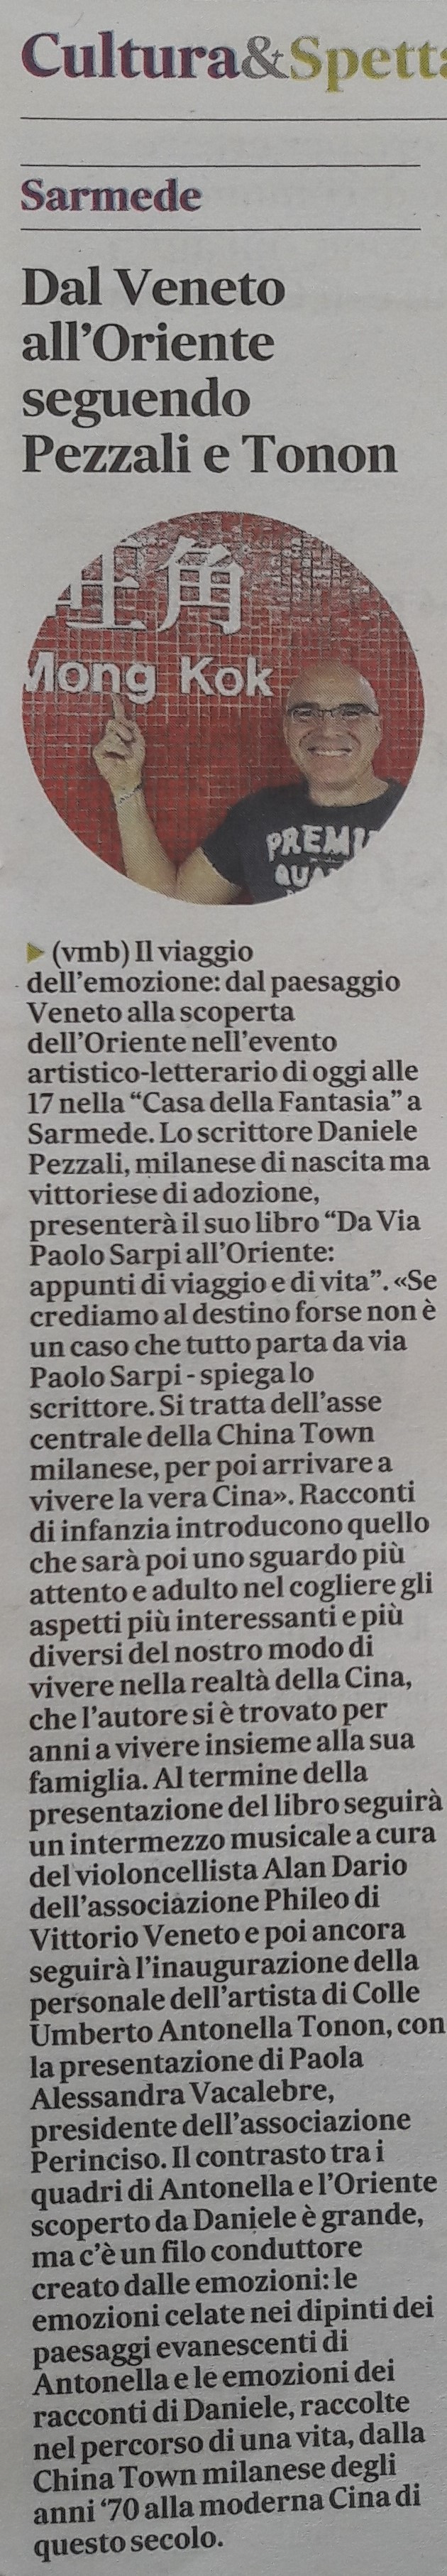 Articolo Il Gazzettino (1).jpg